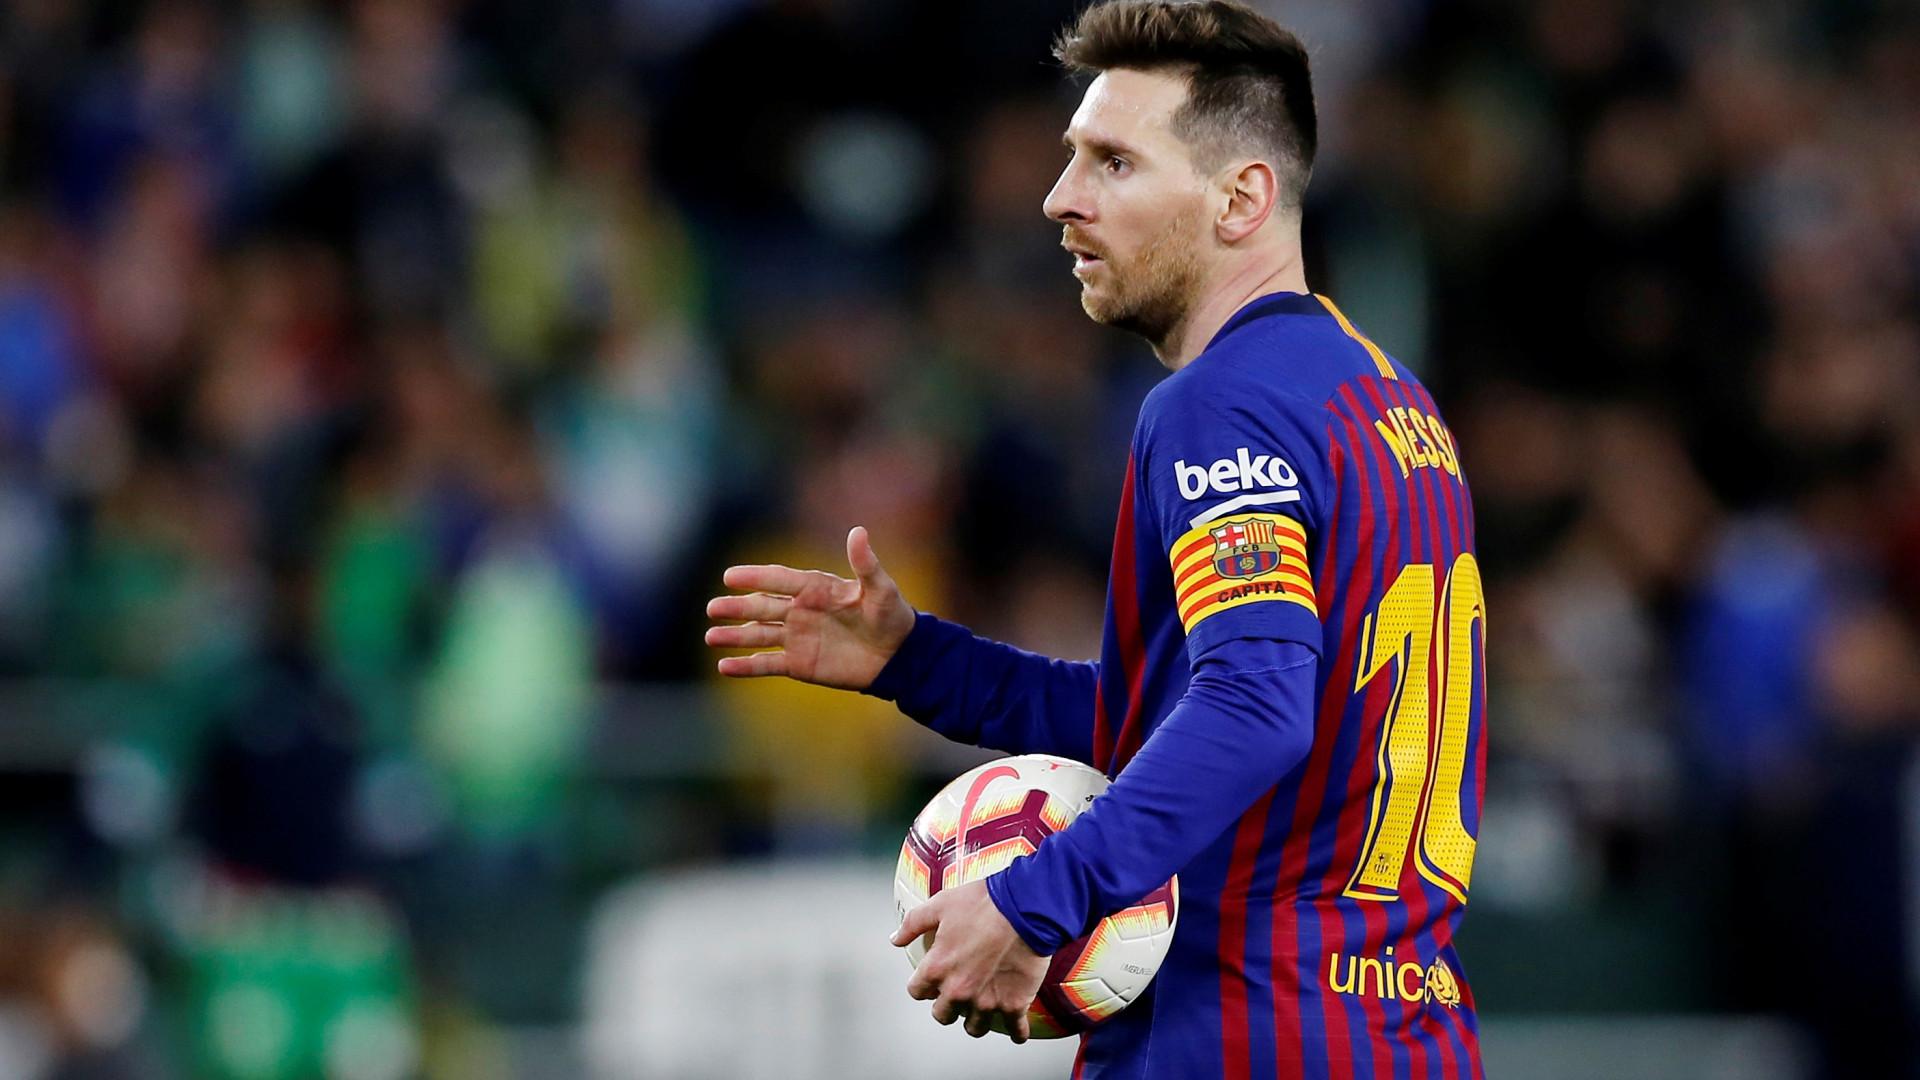 Sob pressão, Barça e Real duelam em possível último clássico de Messi no Camp Nou